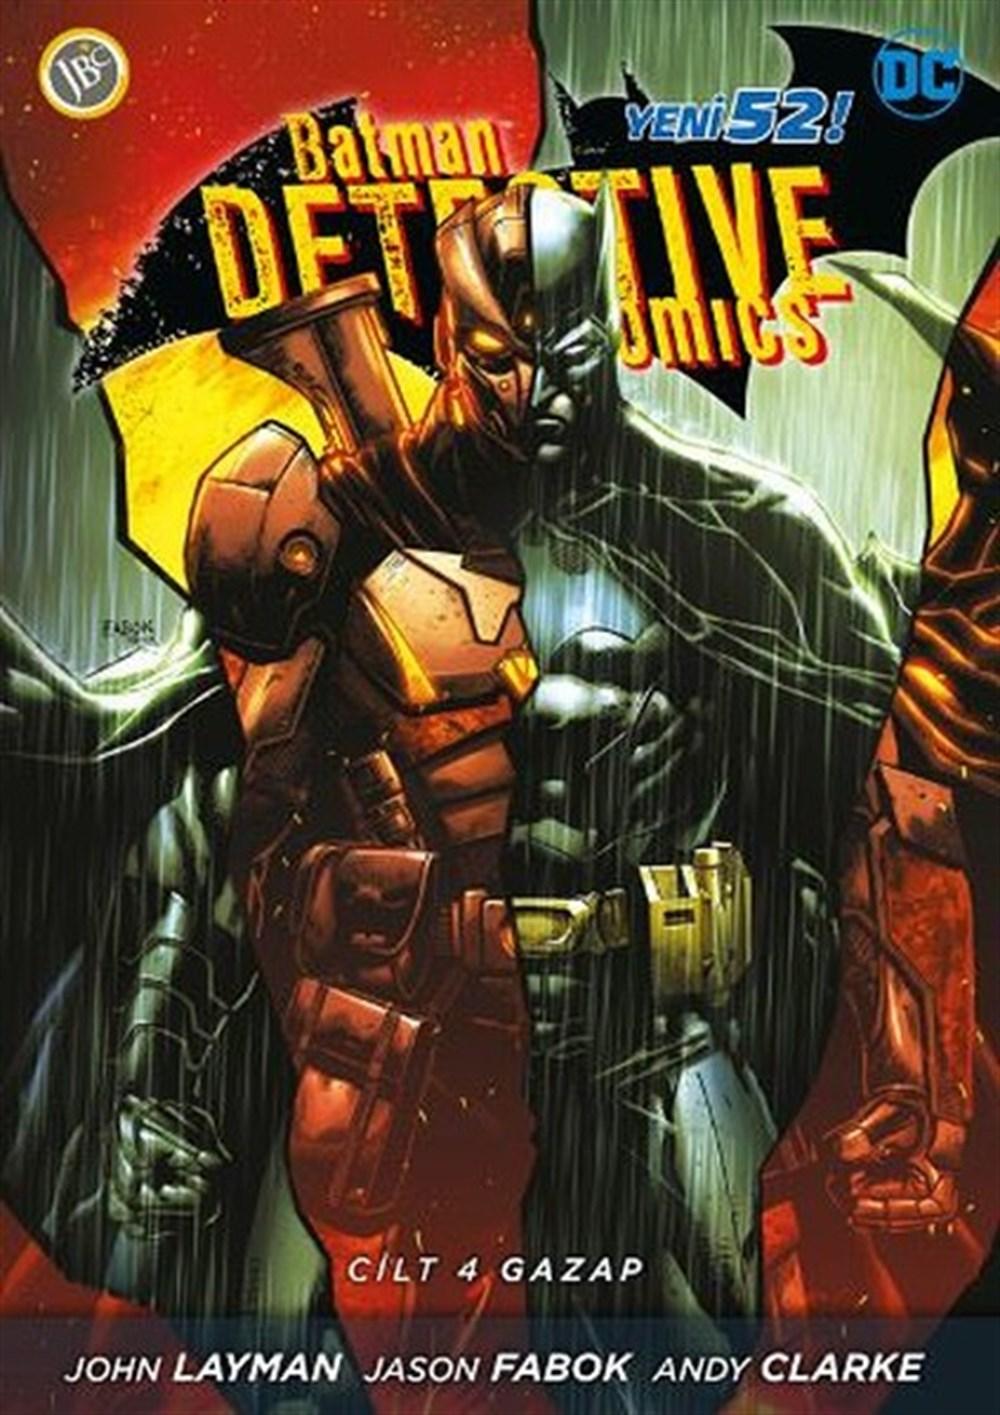 Batman Yeni 52 - Dedektif Hikayeleri Cilt 4: Gazap